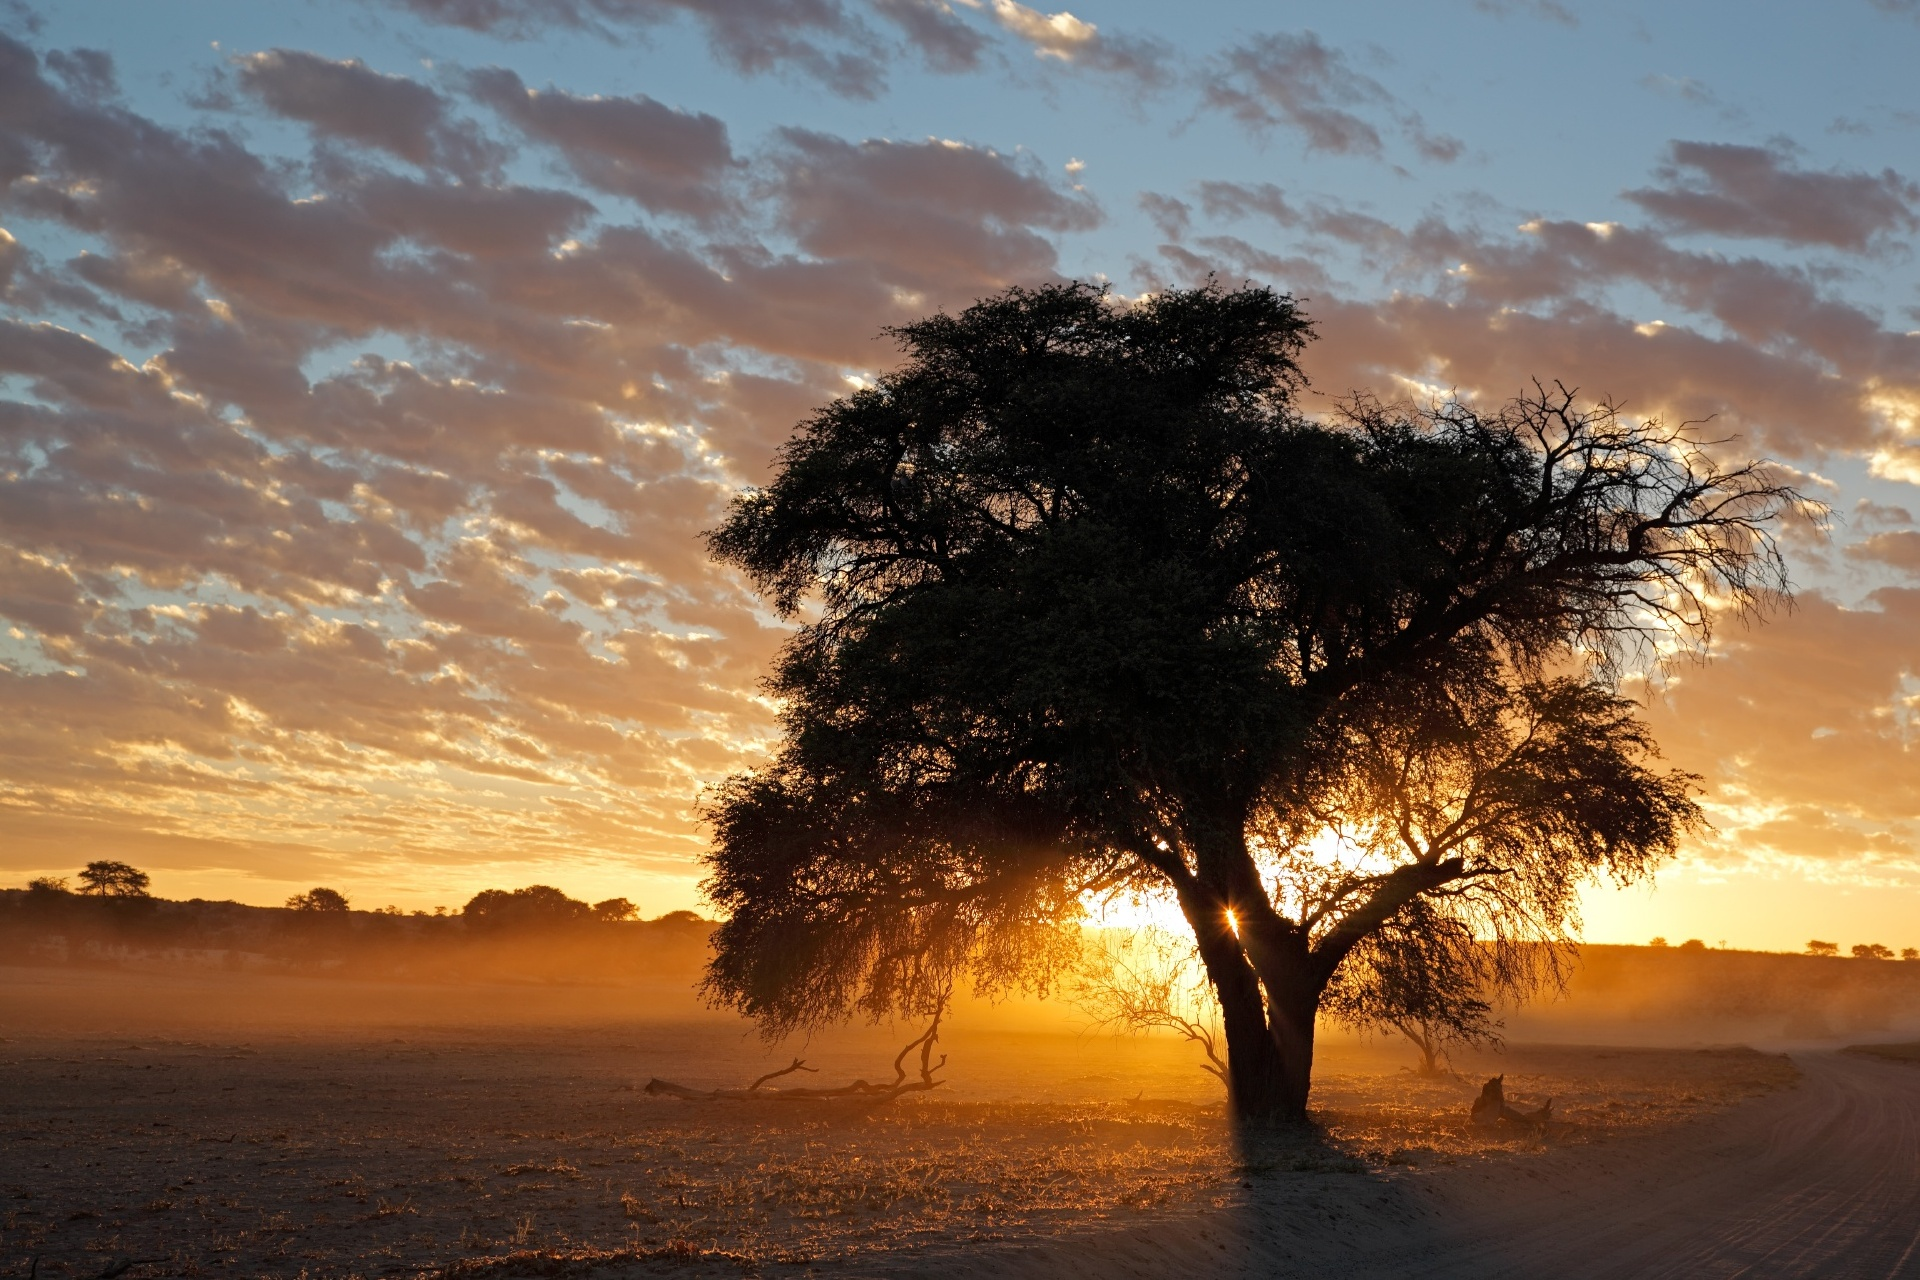 カラハリ砂漠の夕日 南アフリカの風景